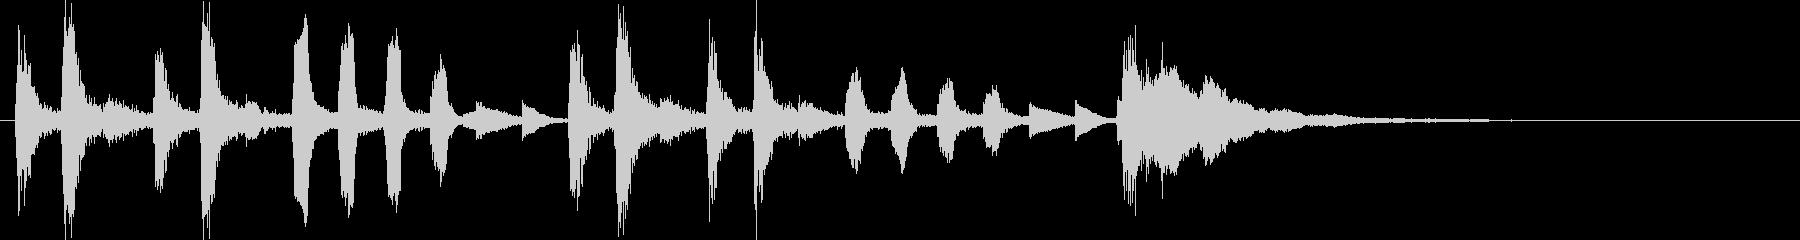 メルヘンなシンセ・キラキラ音など短めの未再生の波形